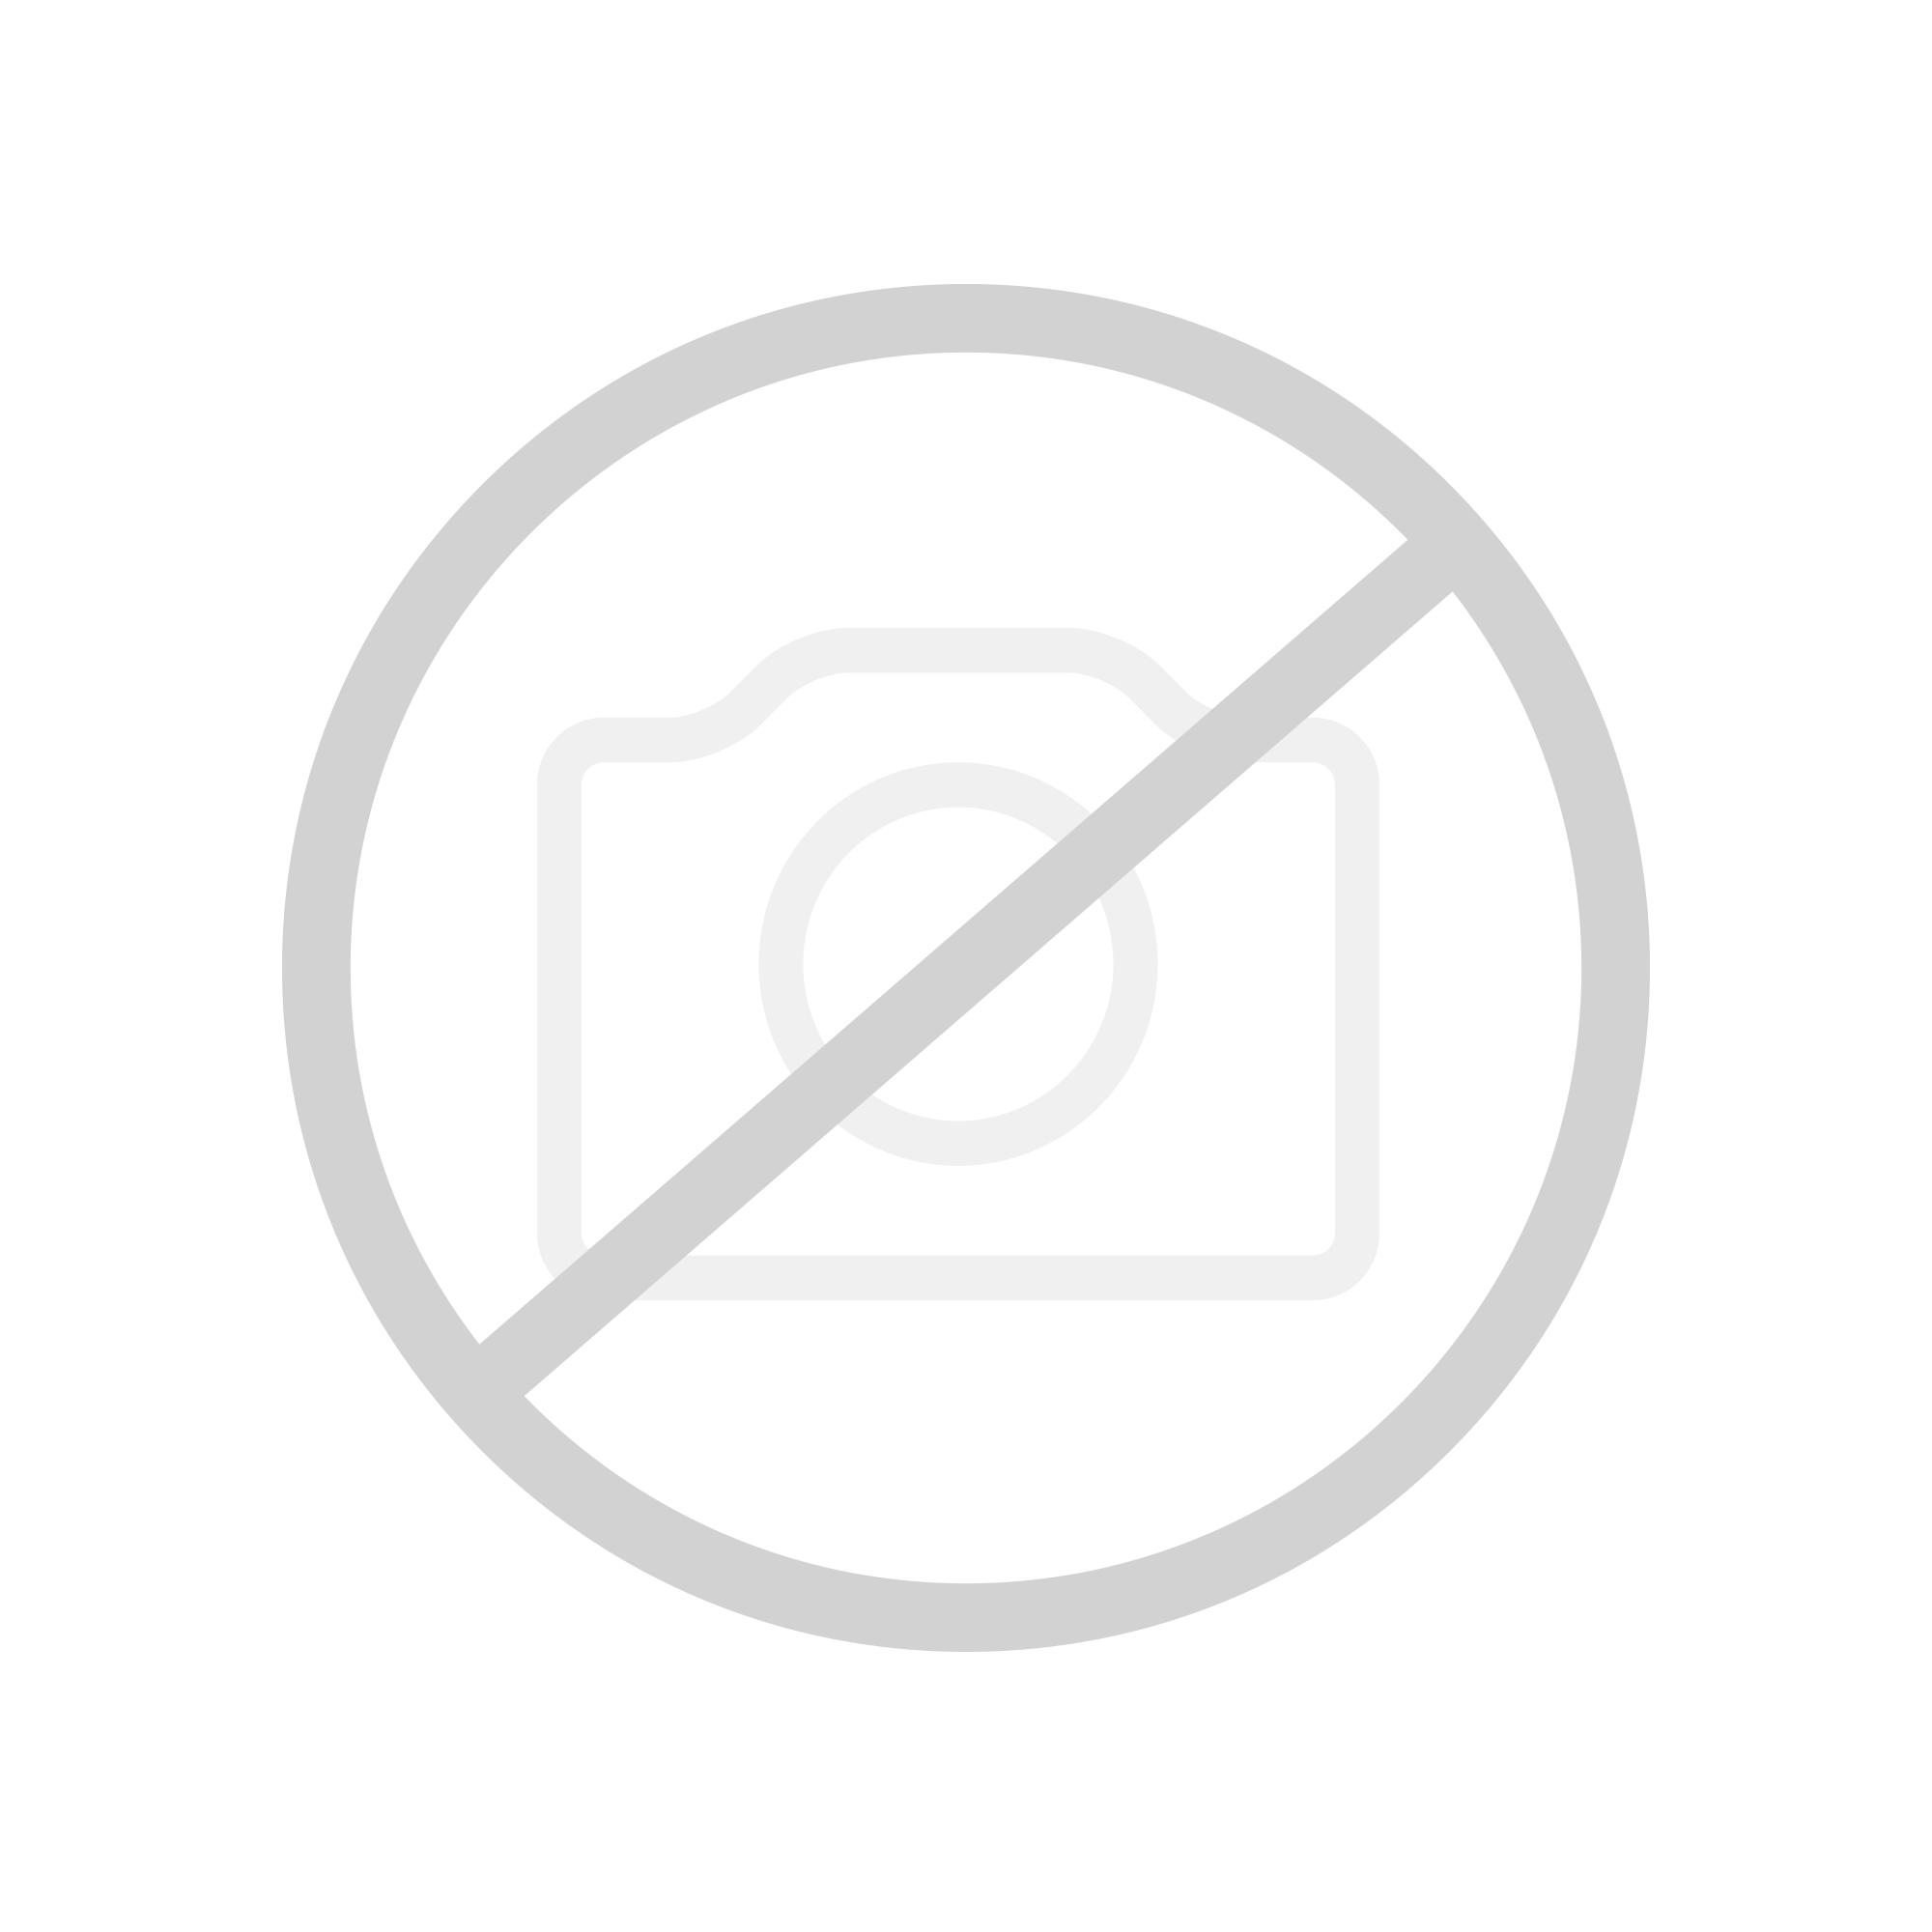 Geberit Duofix Montageelement für Urinal Universal (V) 112-130cm